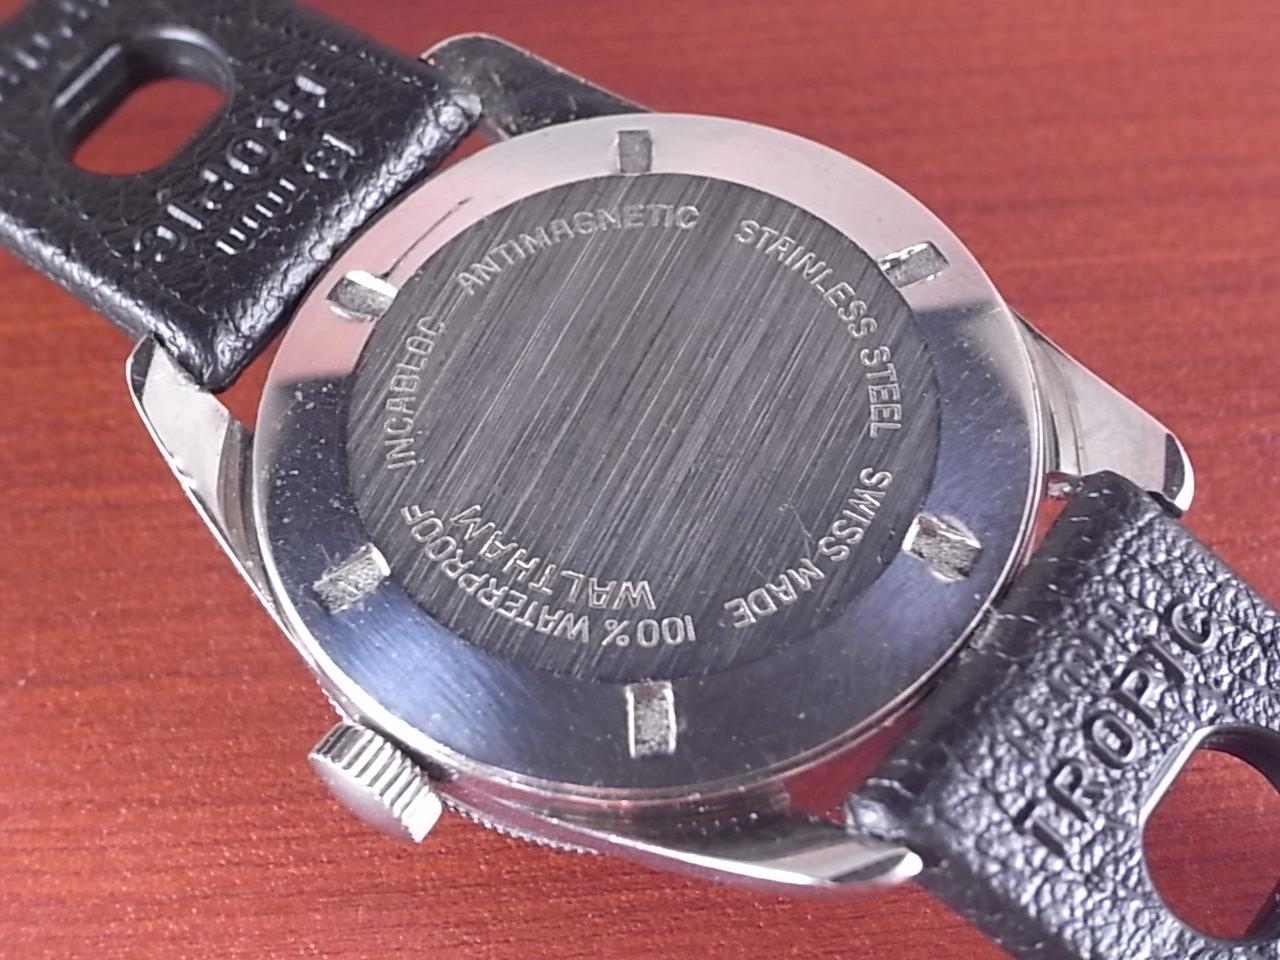 ウォルサム ダイバーズウォッチ ベイクライトベゼル 1960年代の写真4枚目